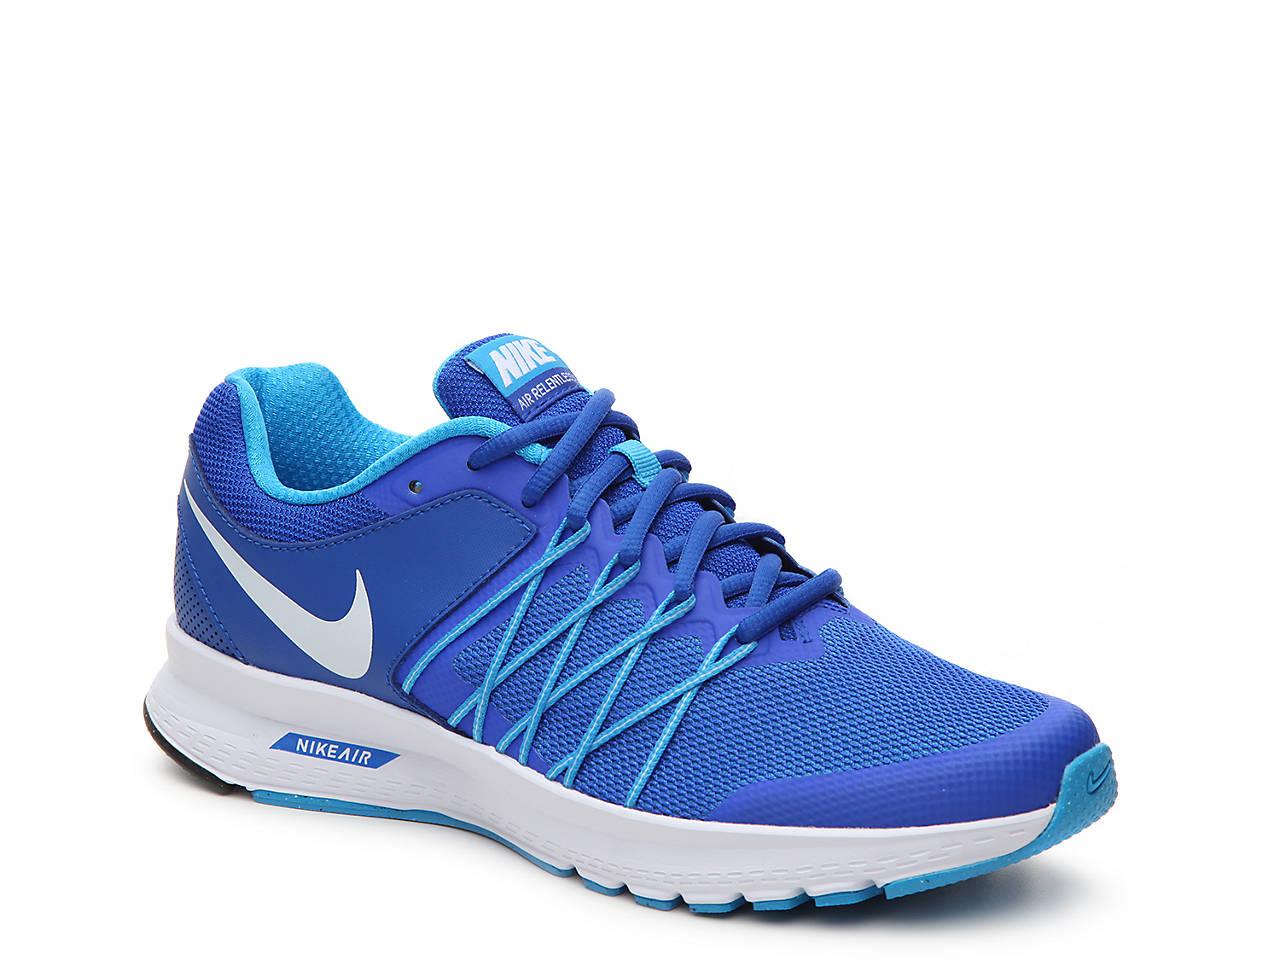 Lightweight Nike Shoe Women's Relentless Running Air 6 8nk0wXOP